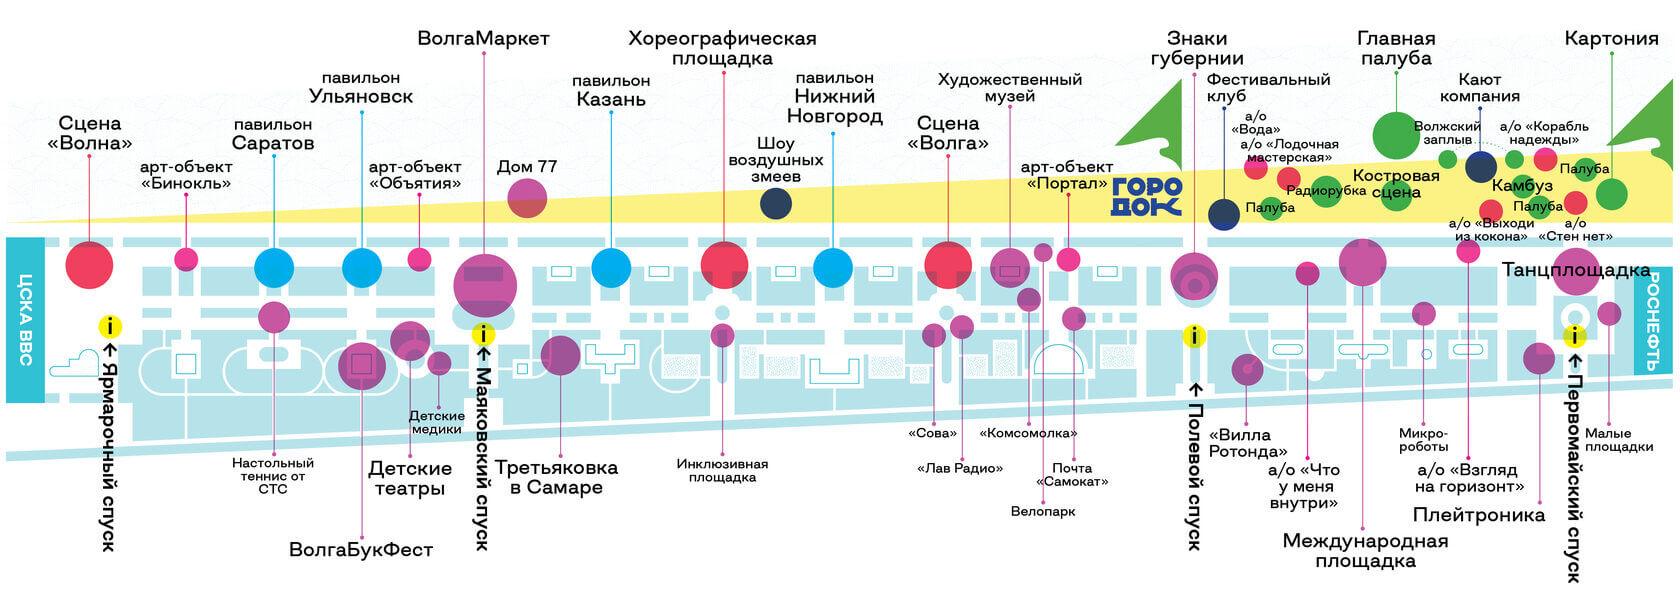 Карта площадок фестиваля ВолгаФест 2021